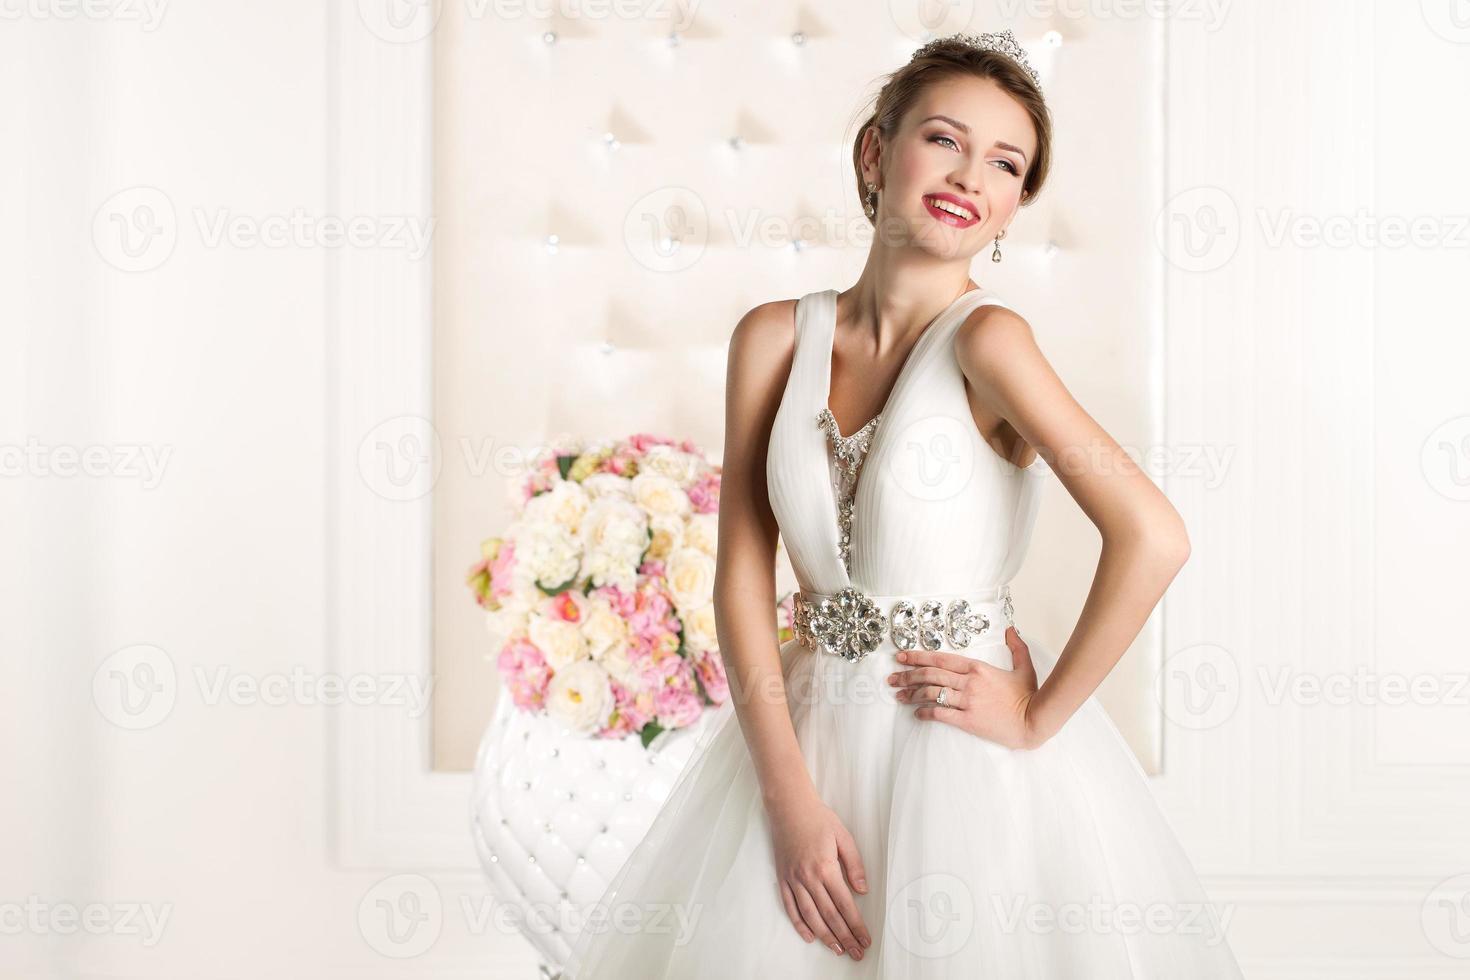 wunderschöne Braut mit weißem Kleid mit Blumenstrauß foto